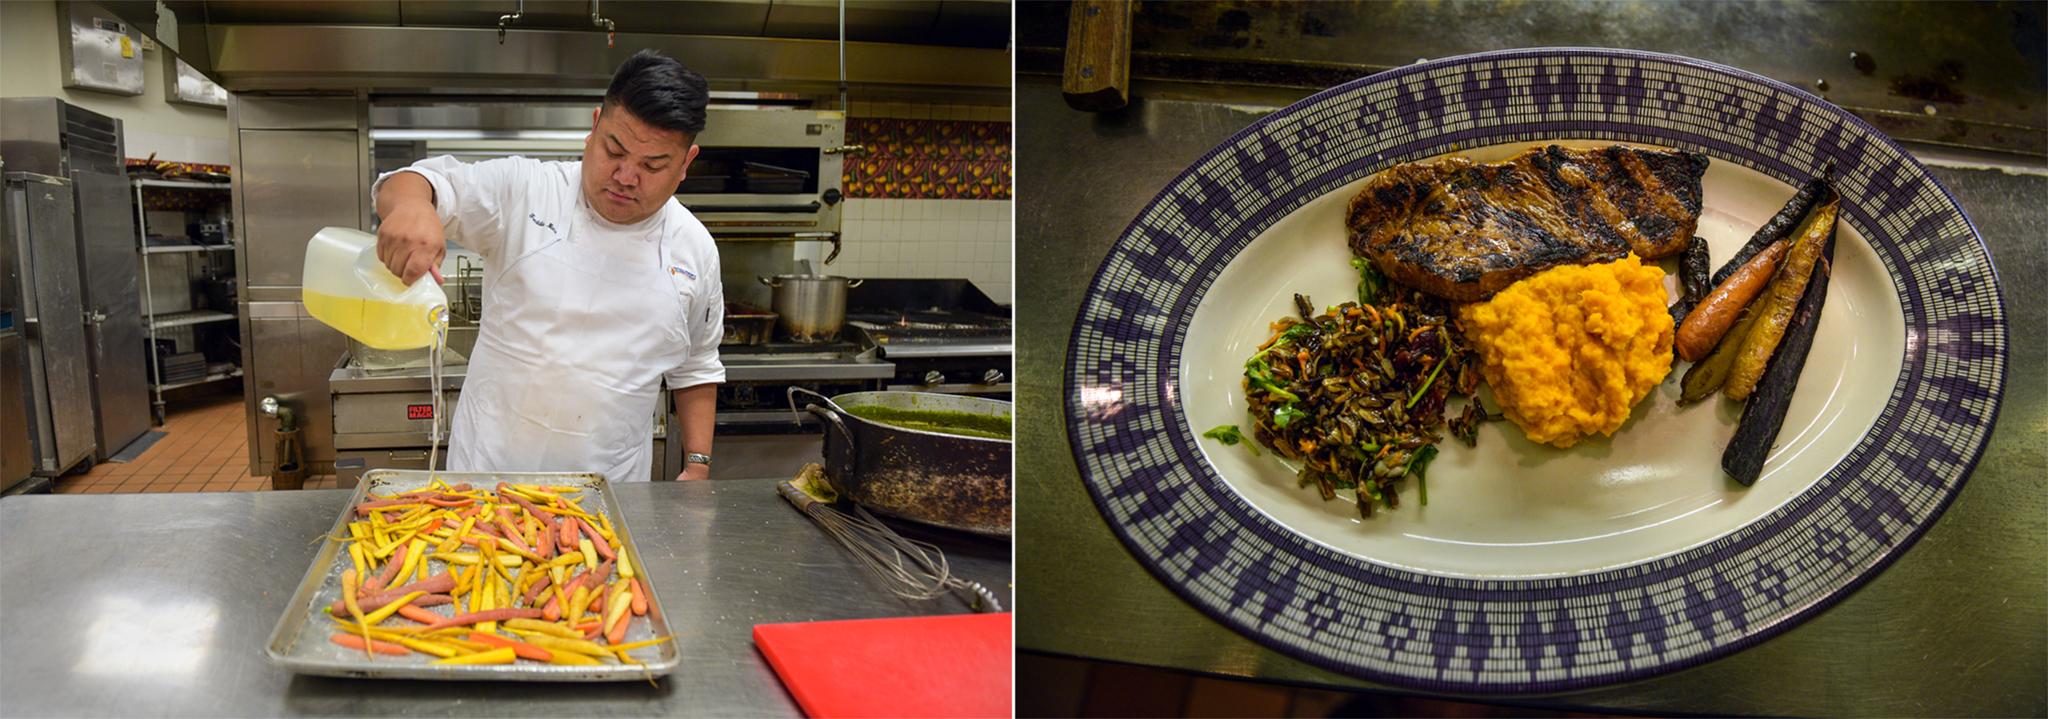 A la izquierda, Freddie Bitsoie echa aceite a una comida, a la derecha el plato ya servido (© Carol Guzy)